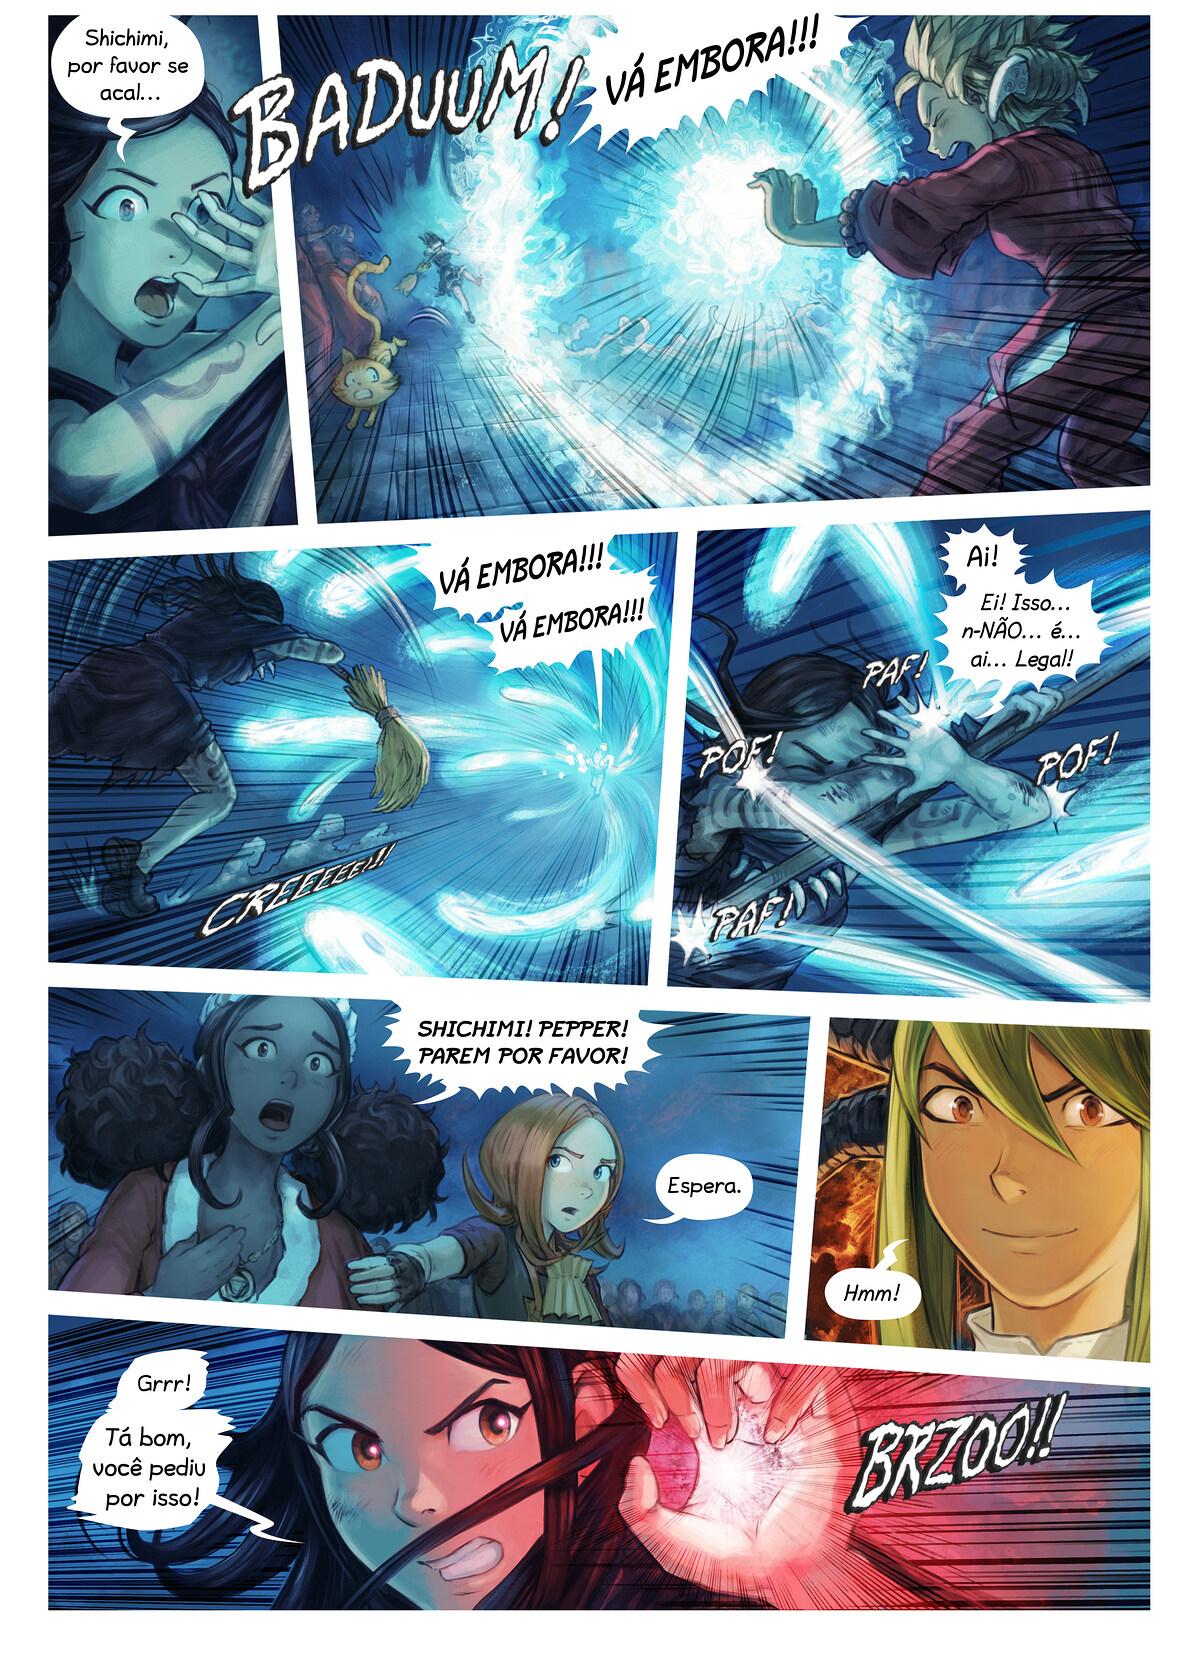 Episódio 34: A Condecoração da Cavaleira Shichimi, Page 6